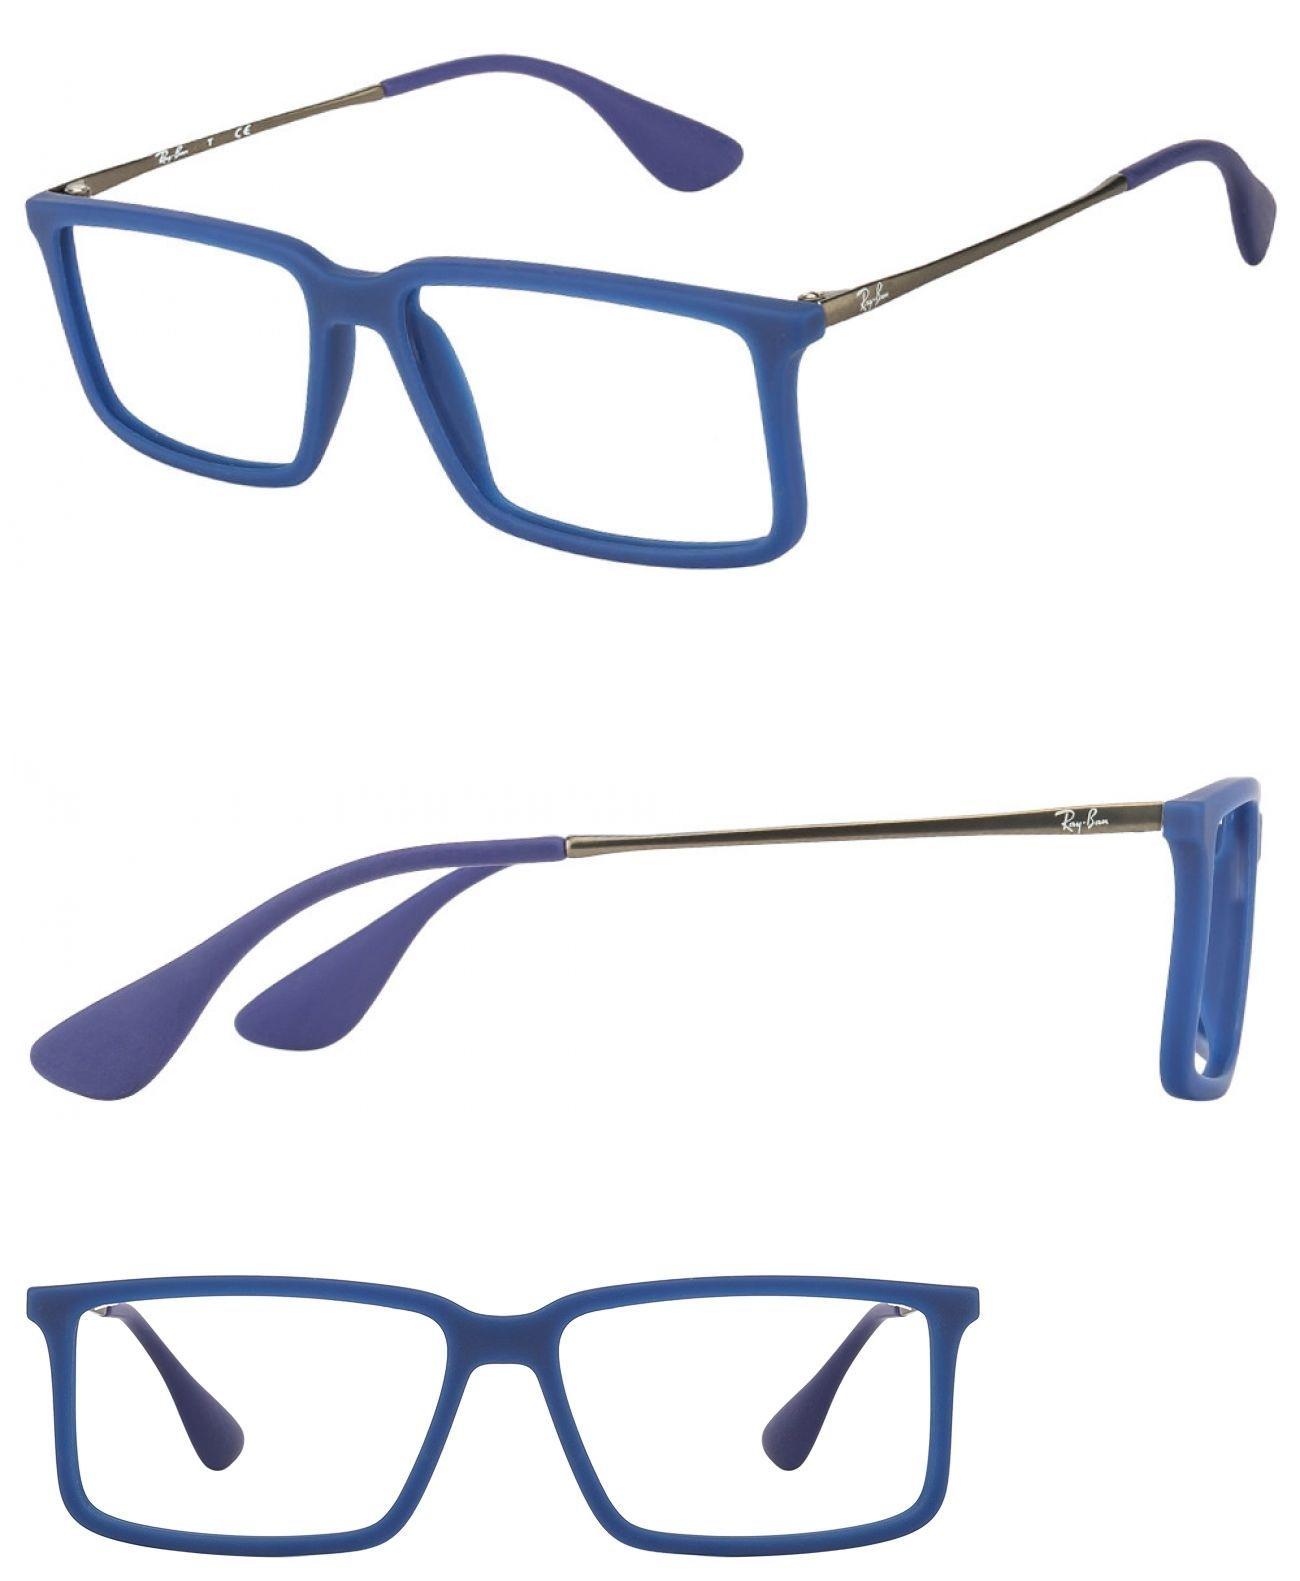 Fashion Eyewear Clear Glasses 179240: $390 Ray-Ban Mens Blue ...